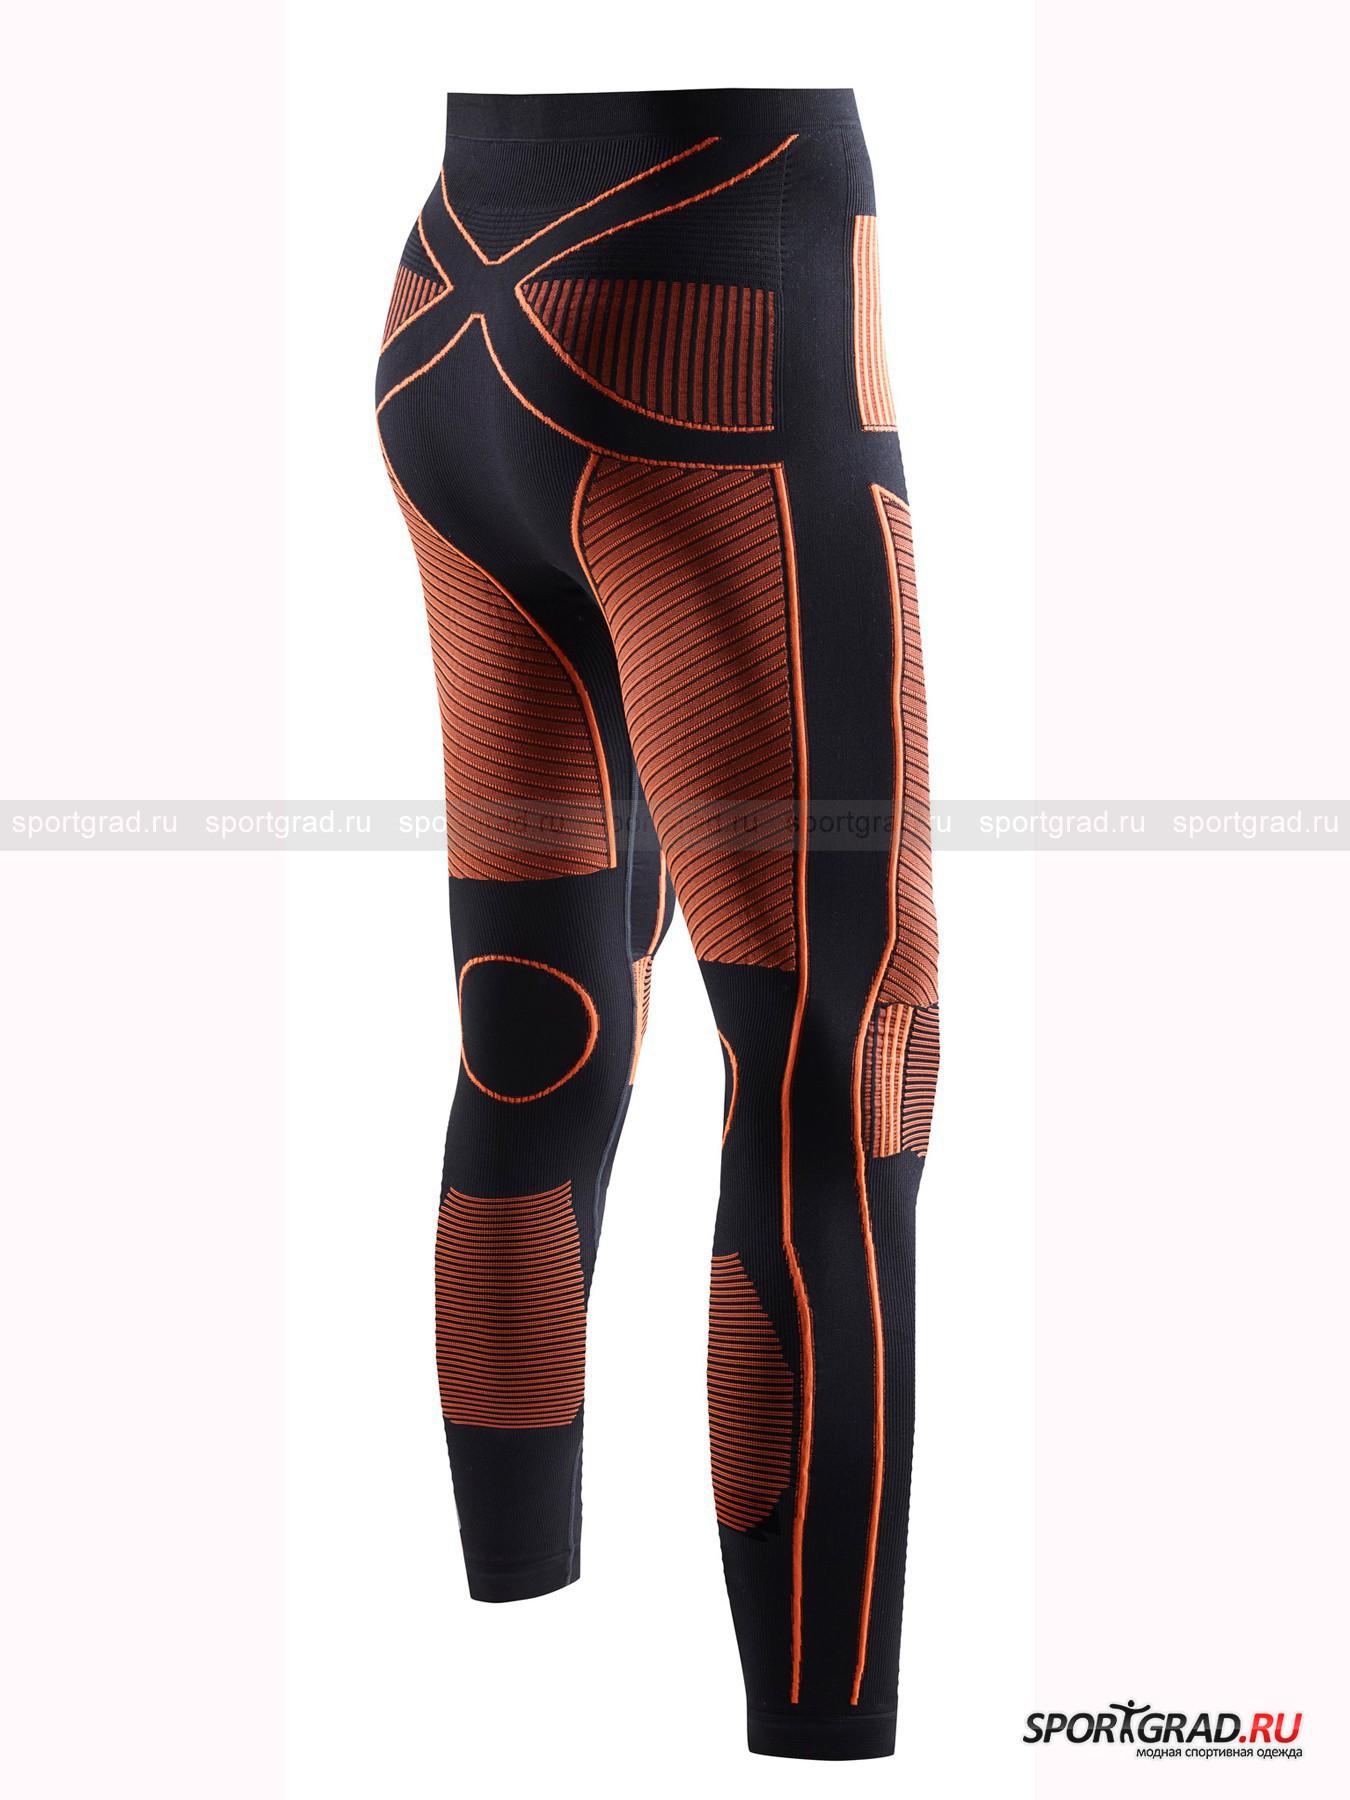 Белье: термолеггинсы детские Pants Long ACC X-BIONIC для занятий спортом от Спортград